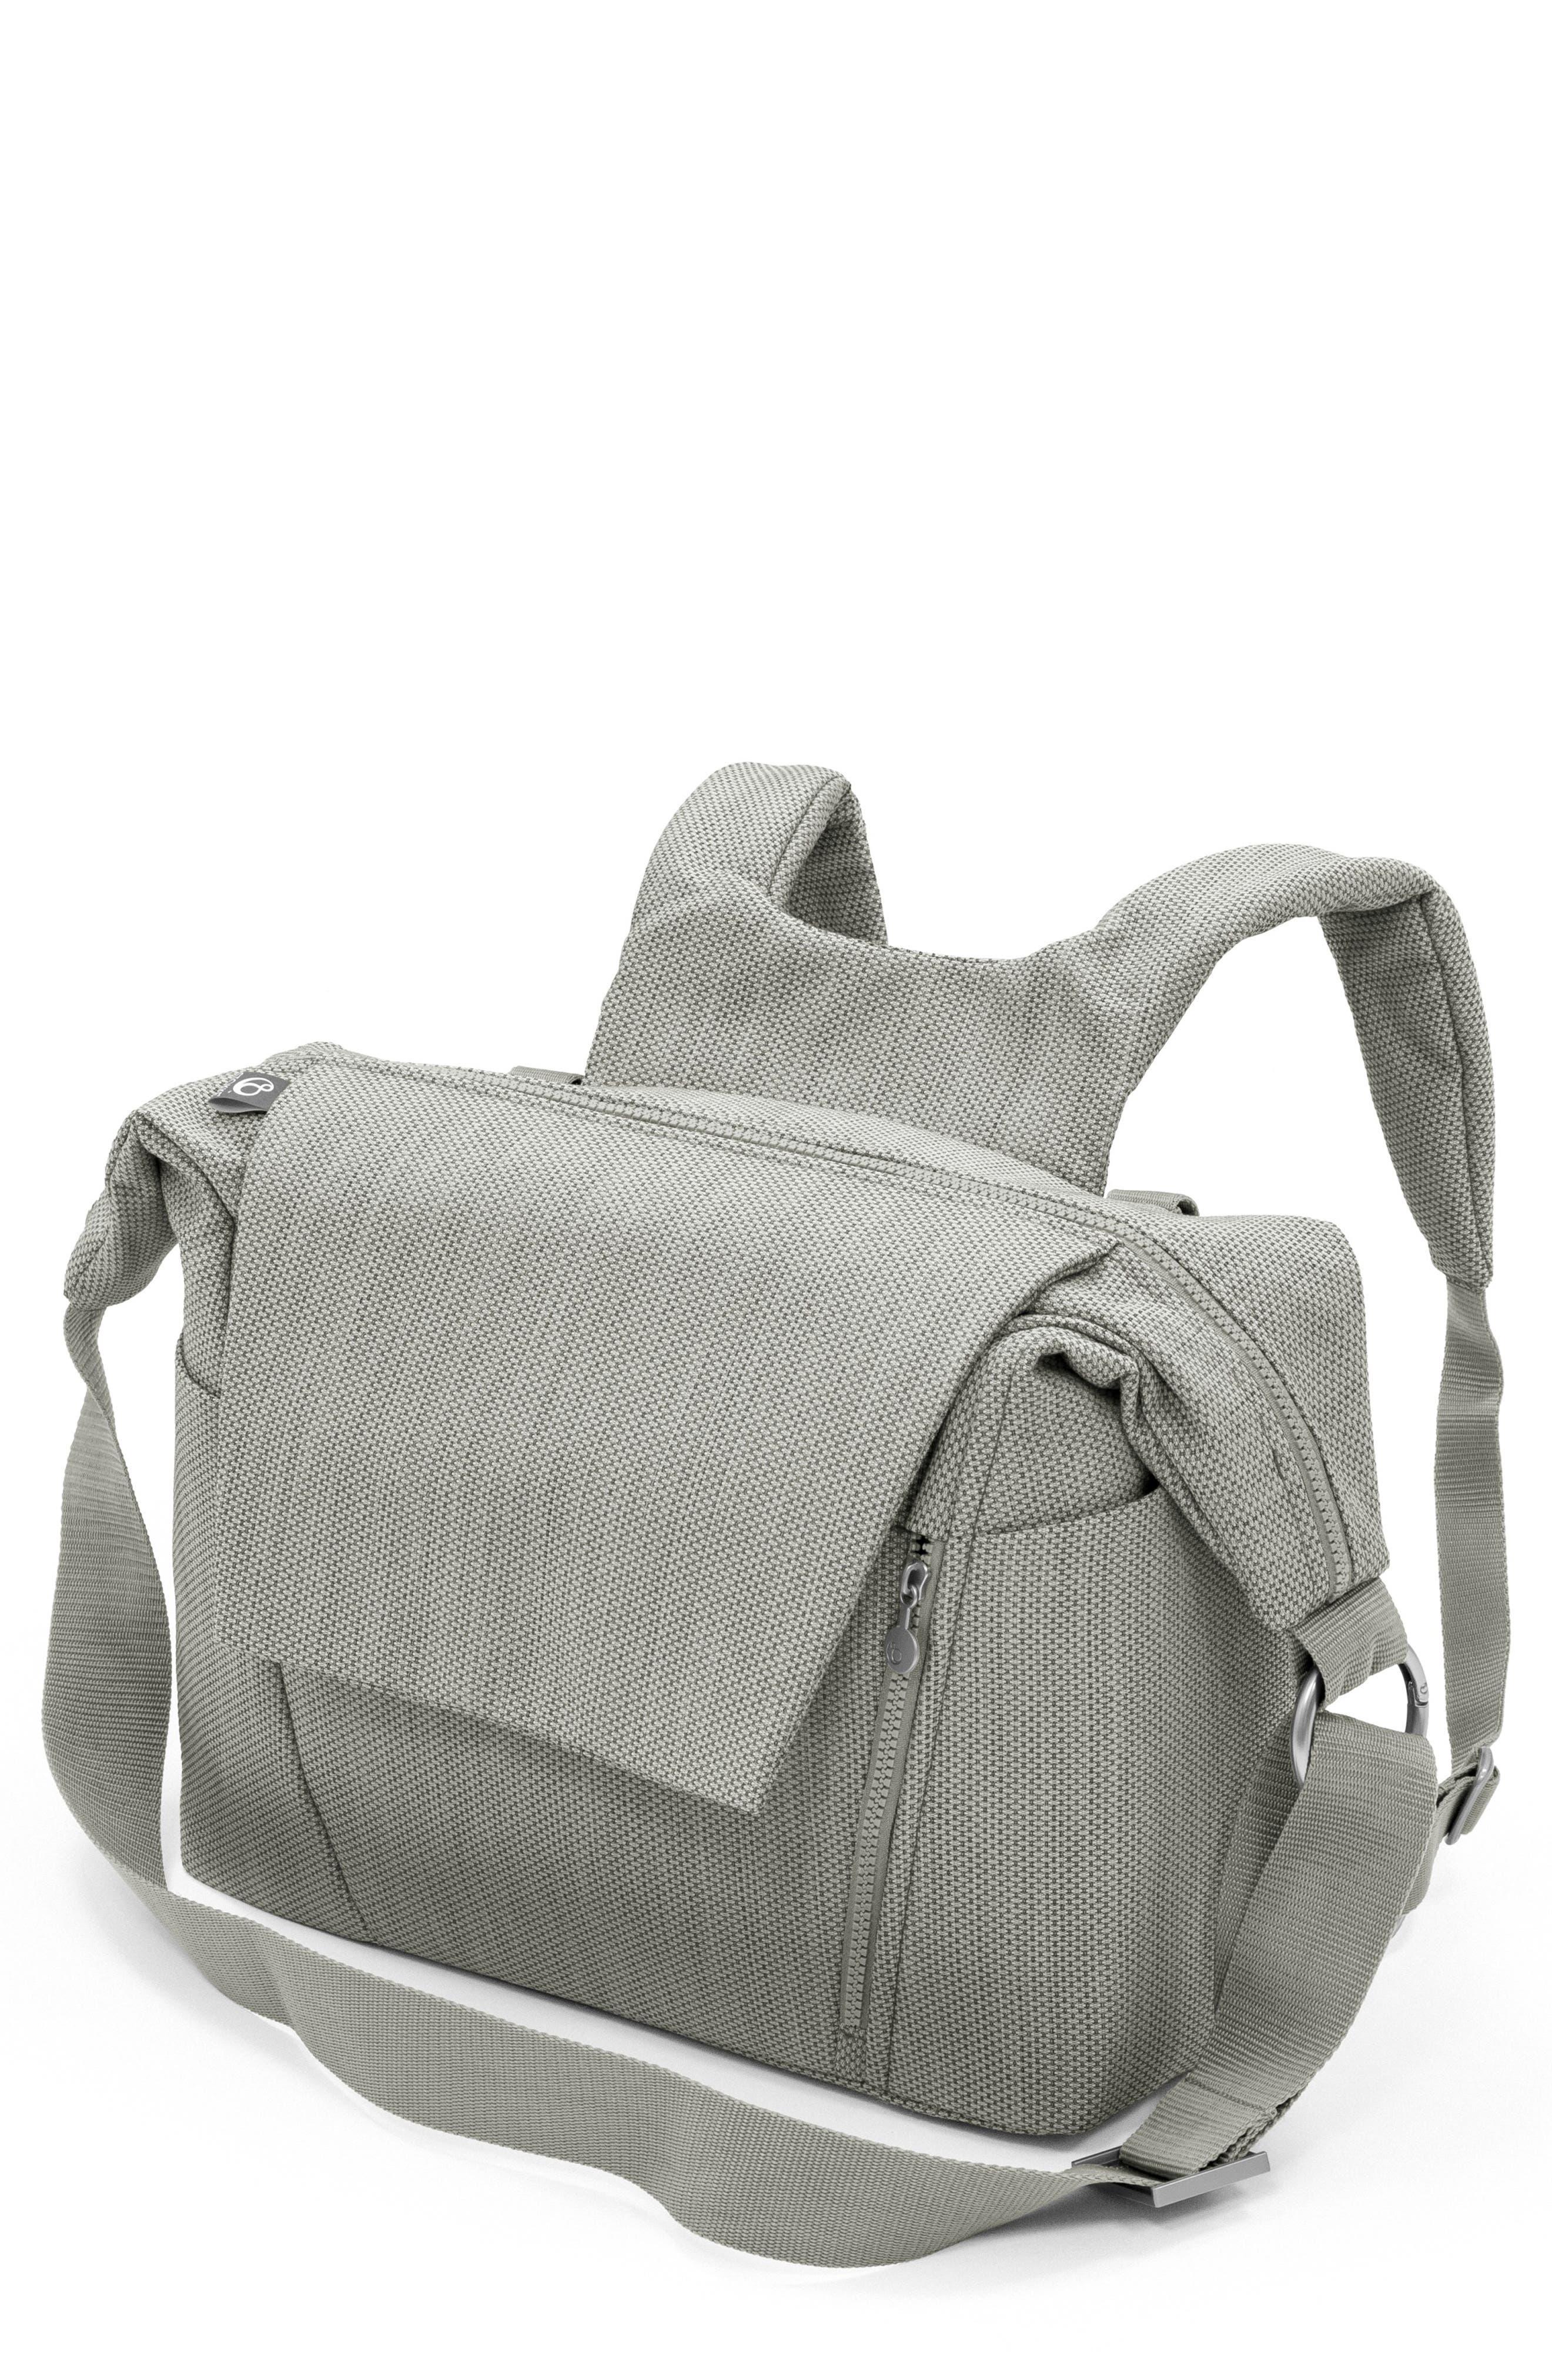 STOKKE, Convertible Diaper Bag, Main thumbnail 1, color, BRUSHED GREY